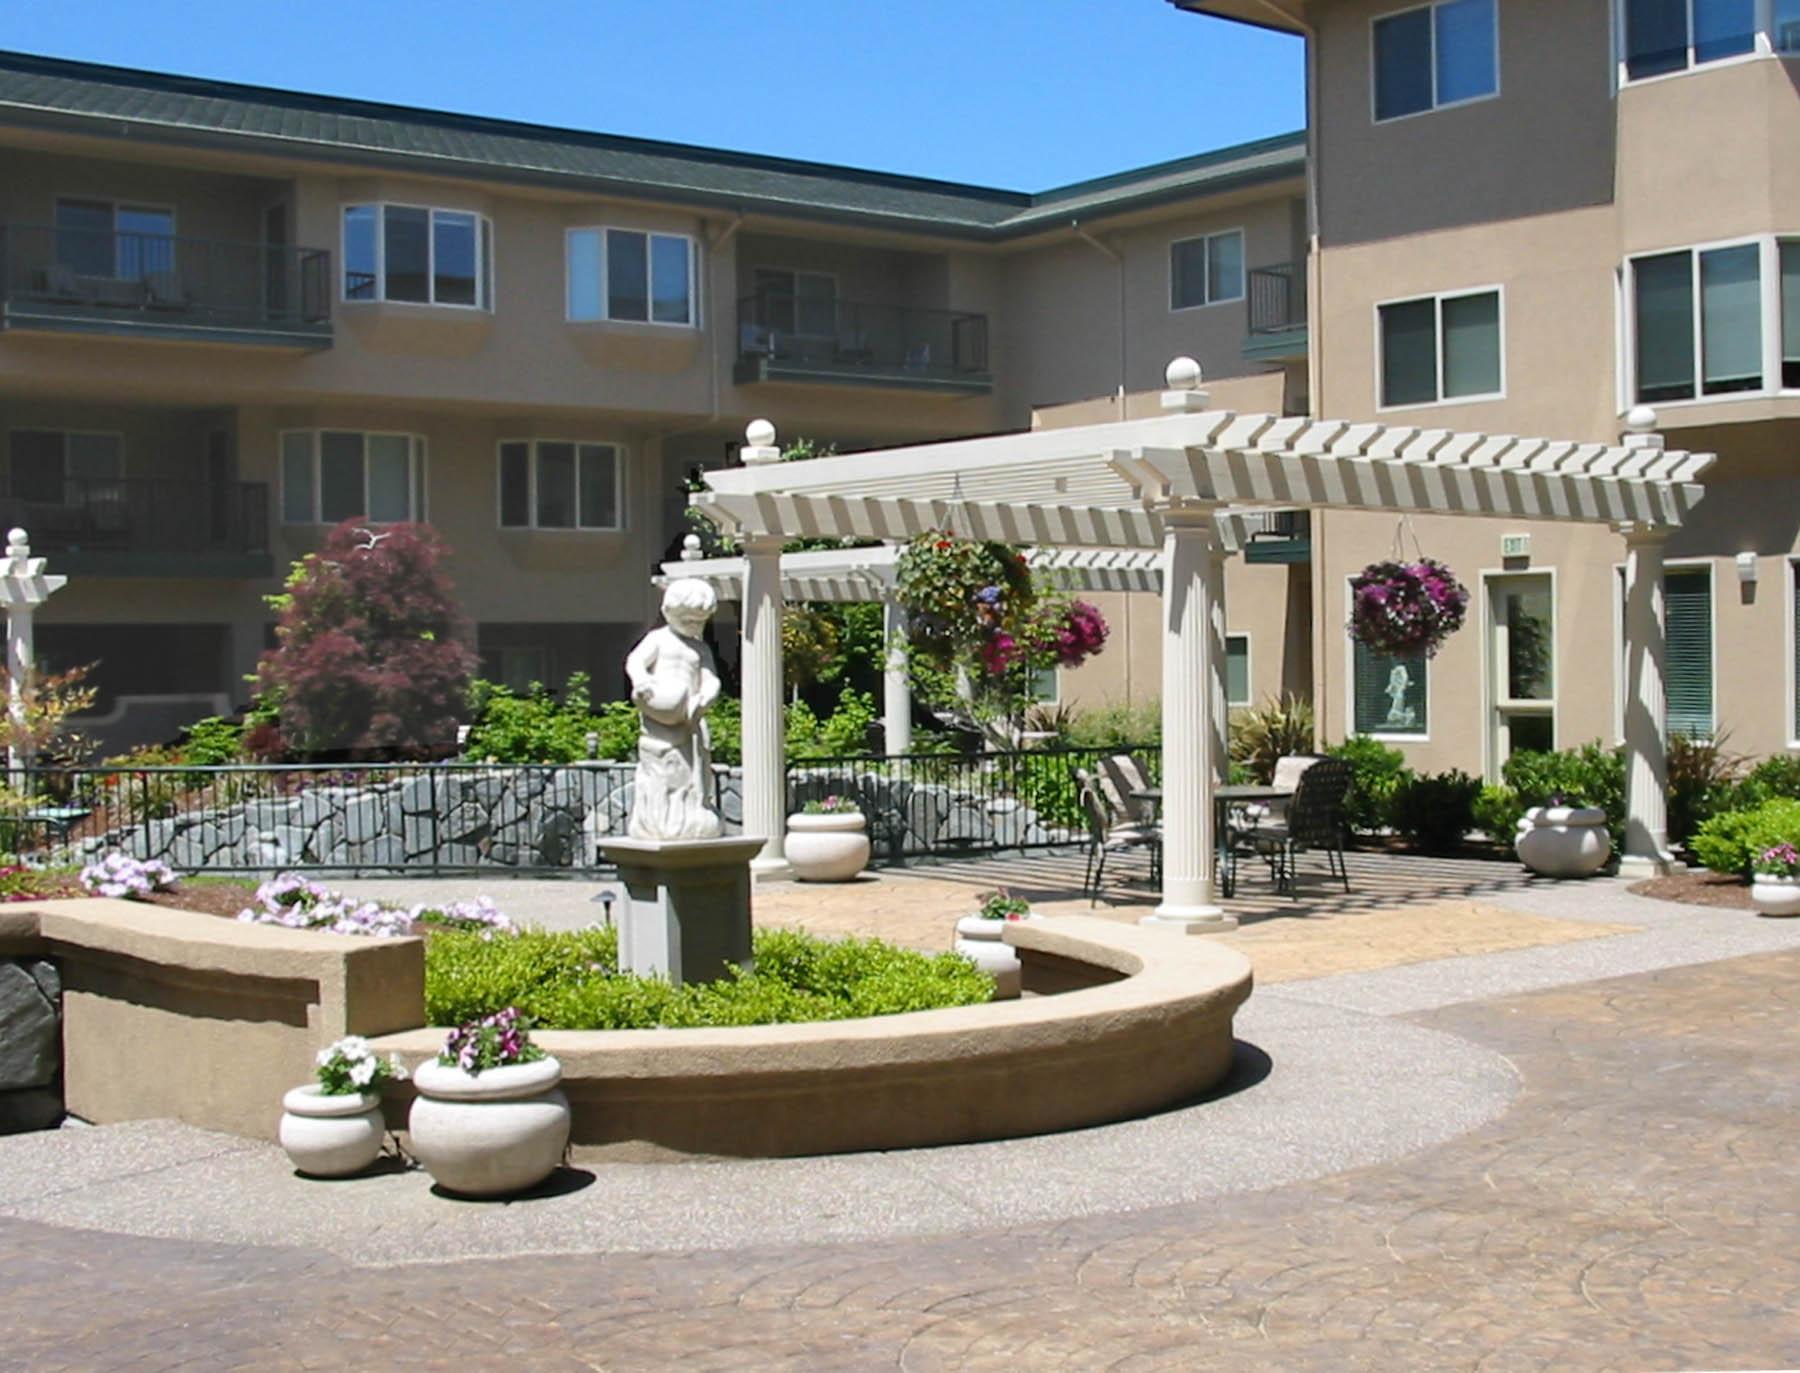 C 6 Anna Maria Courtyard, by BP_web.jpg